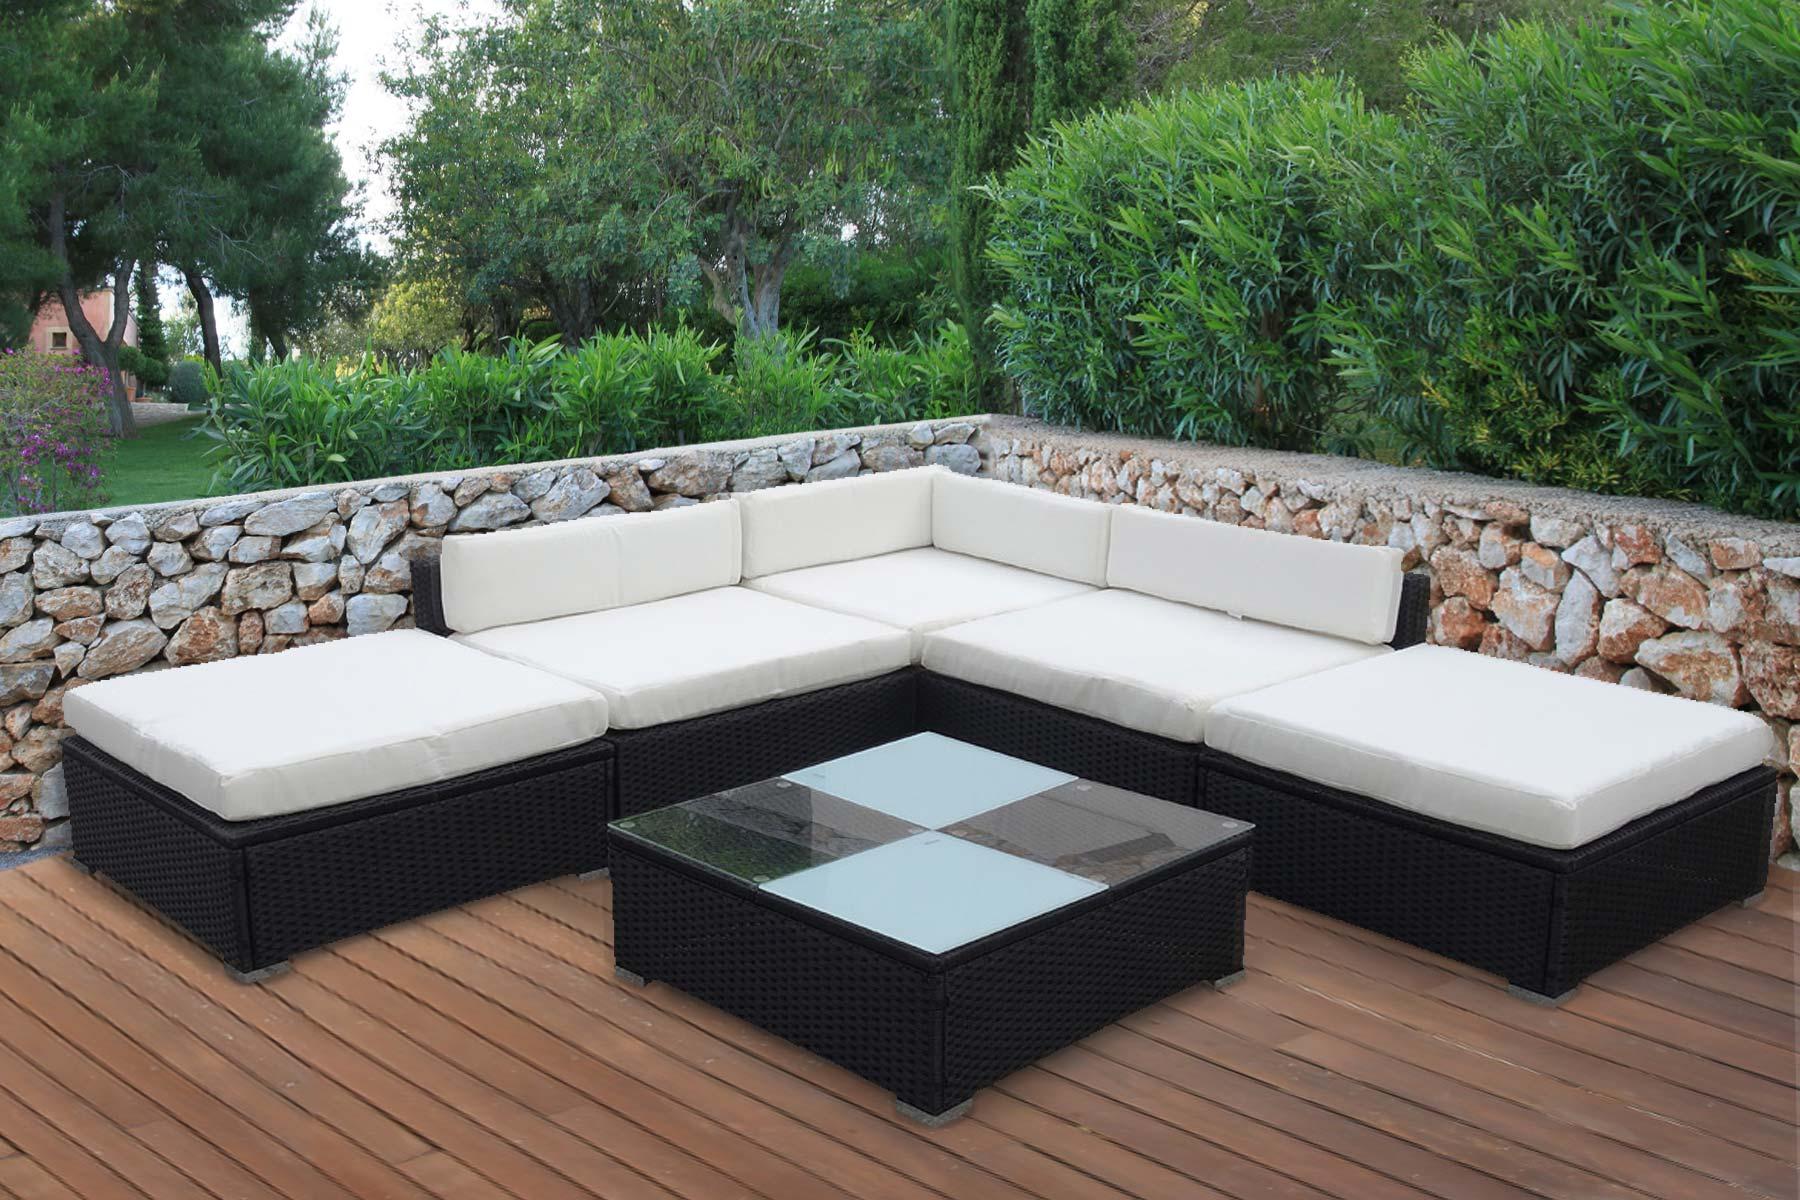 Rattan Sofa Garten Tentfoxcom .